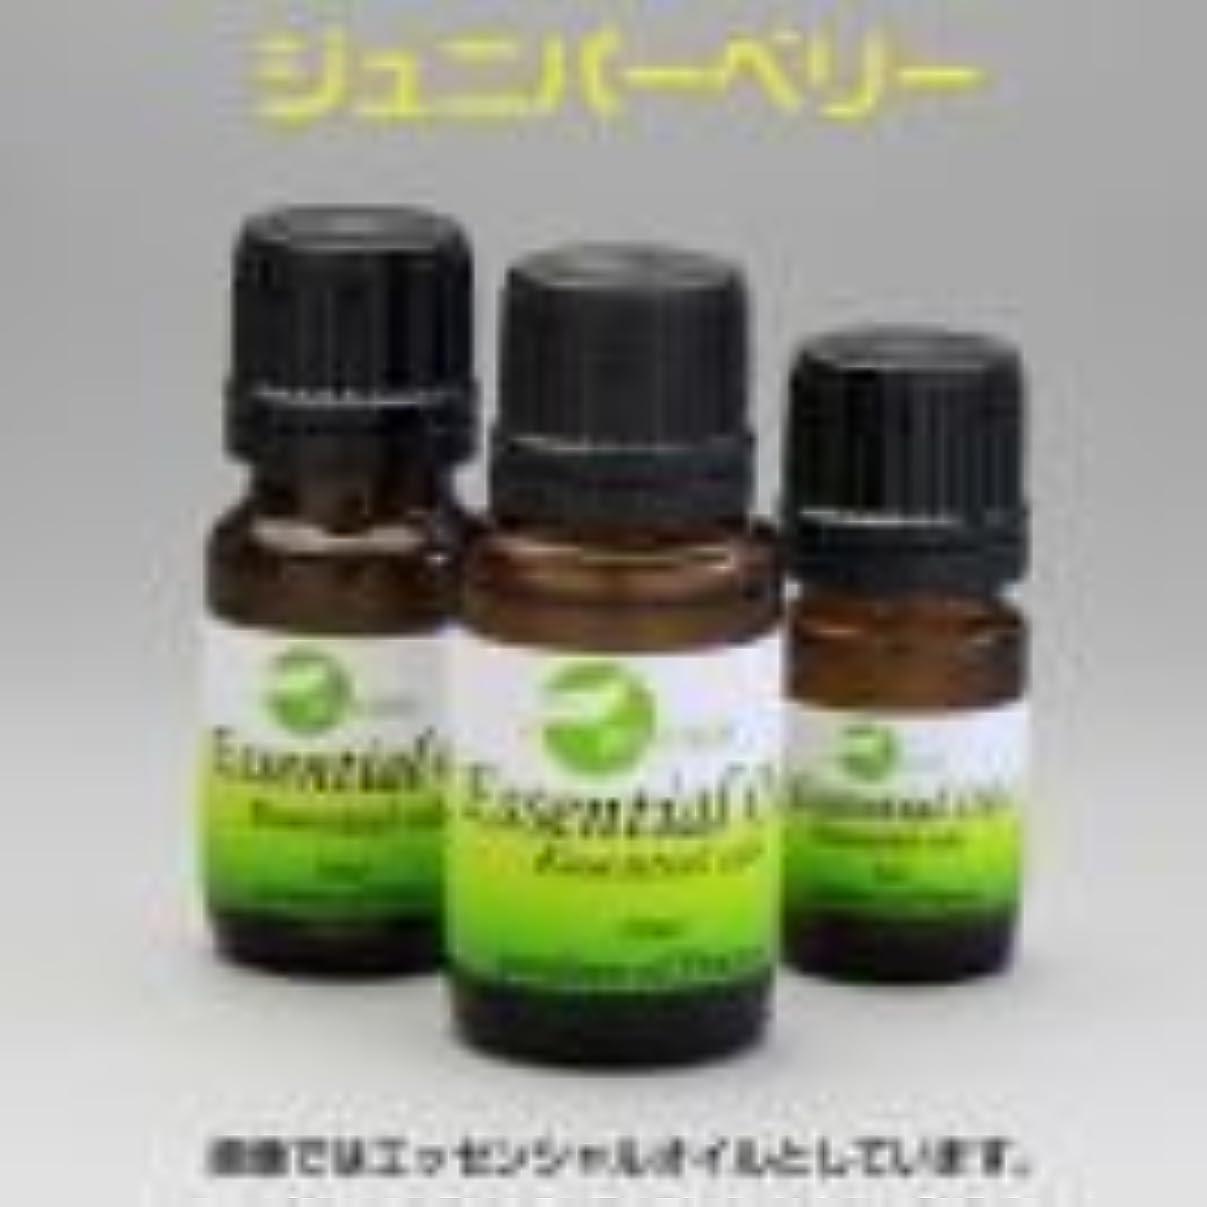 シェルター愛する島[エッセンシャルオイル] 松の針葉に似たフレッシュな樹脂の香り ジュニパーベリー 15ml